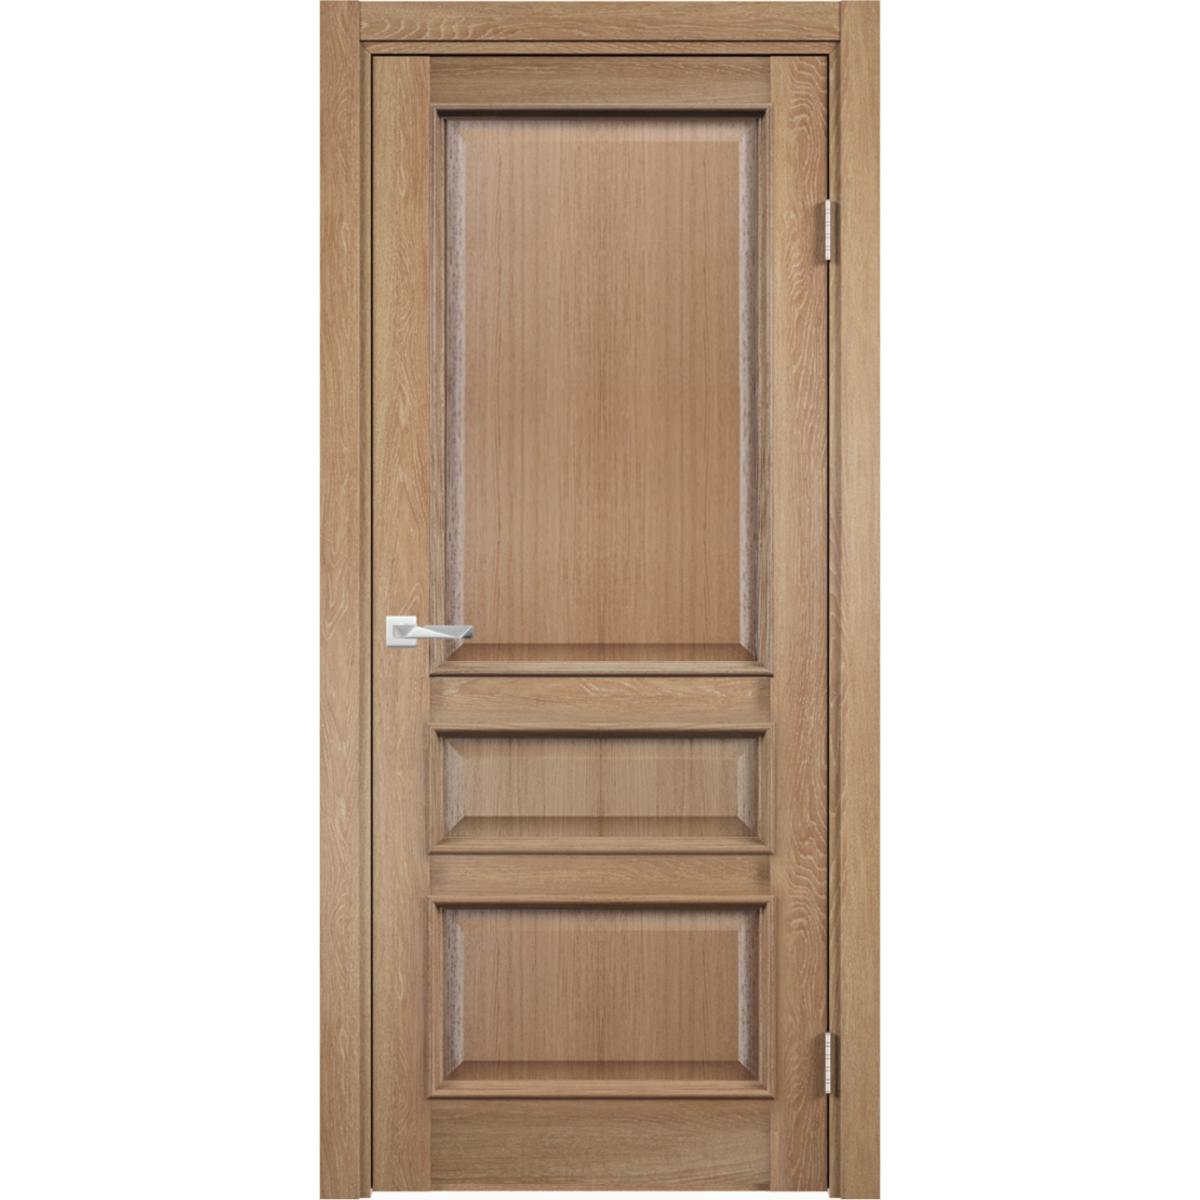 Дверь Межкомнатная Глухая С Замком В Комплекте Барселона 200x60 Пвх Цвет Орех